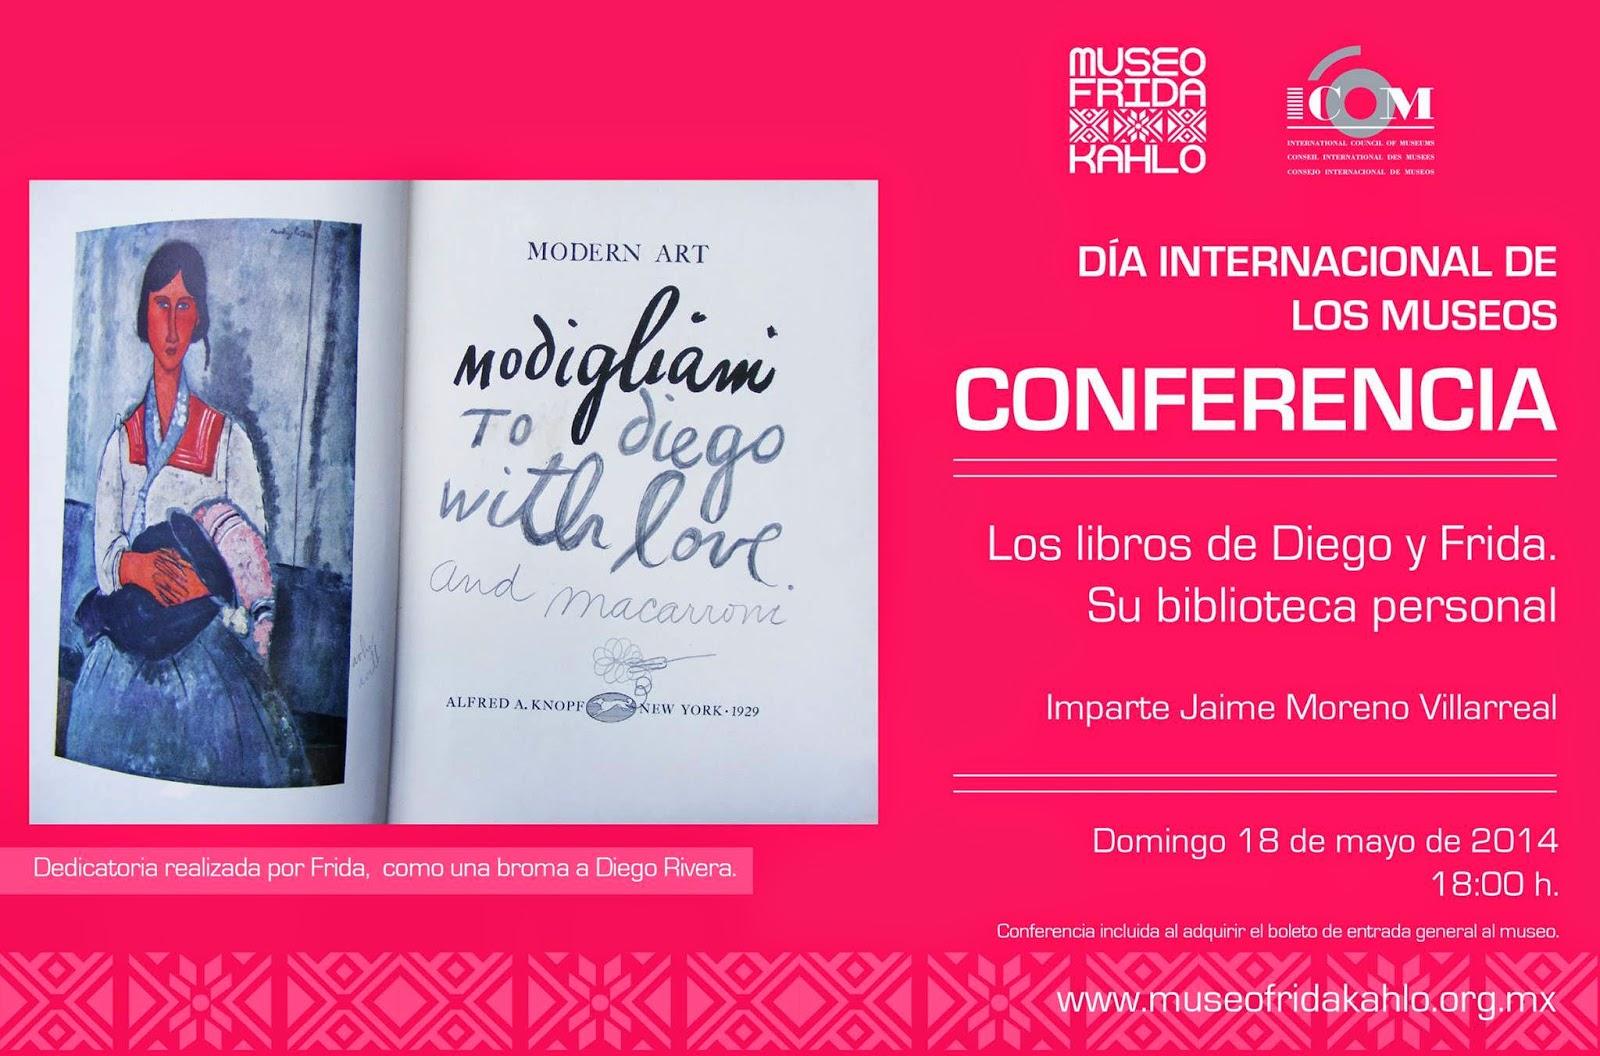 Día Internacional de los Museos en el Museo Frida Kahlo